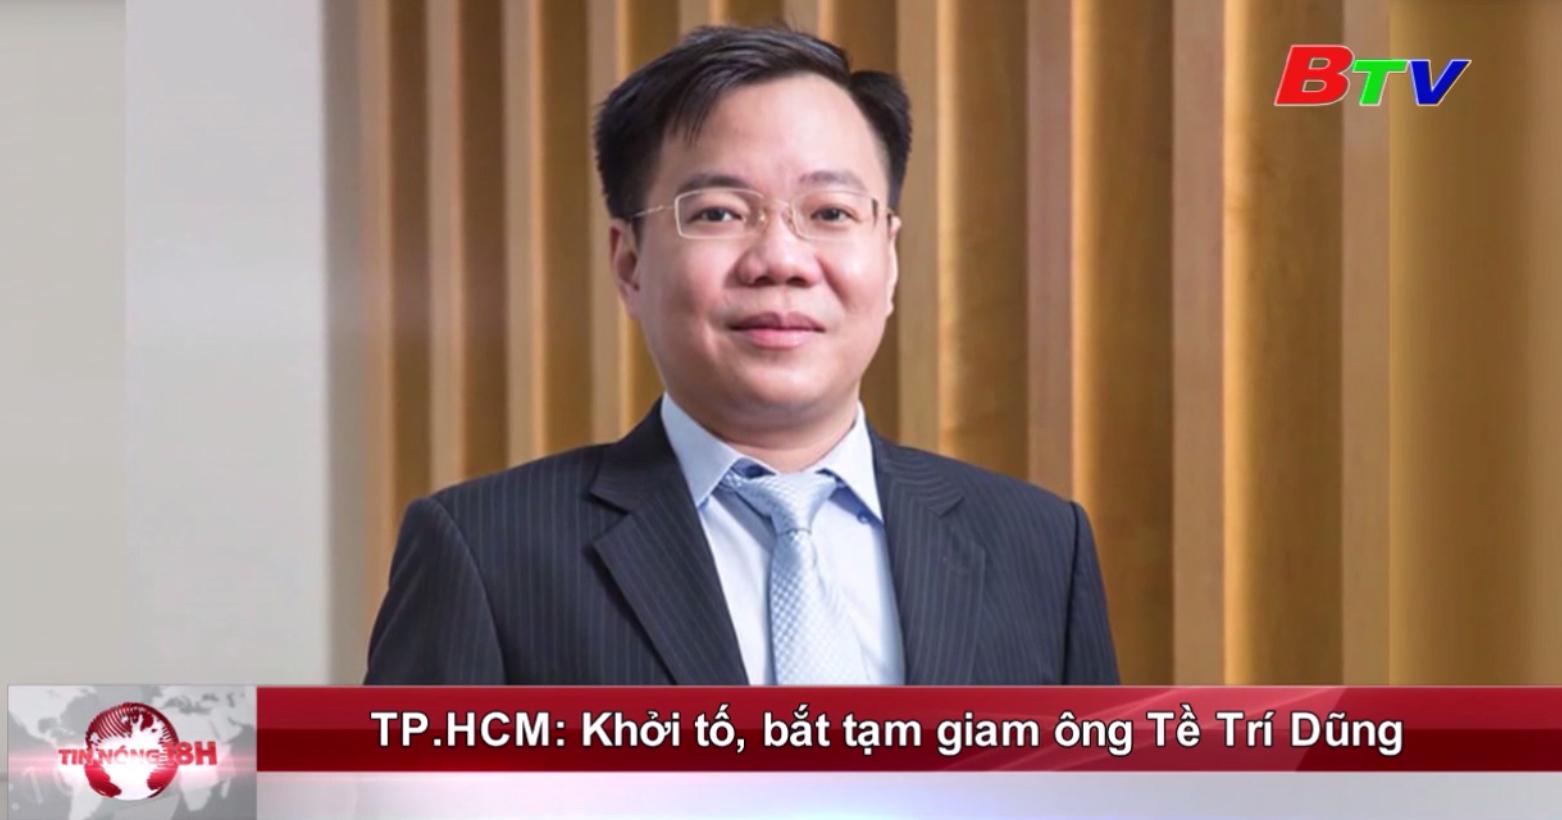 TP.HCM: Khởi tố, bắt tạm giam ông Tề Trí Dũng